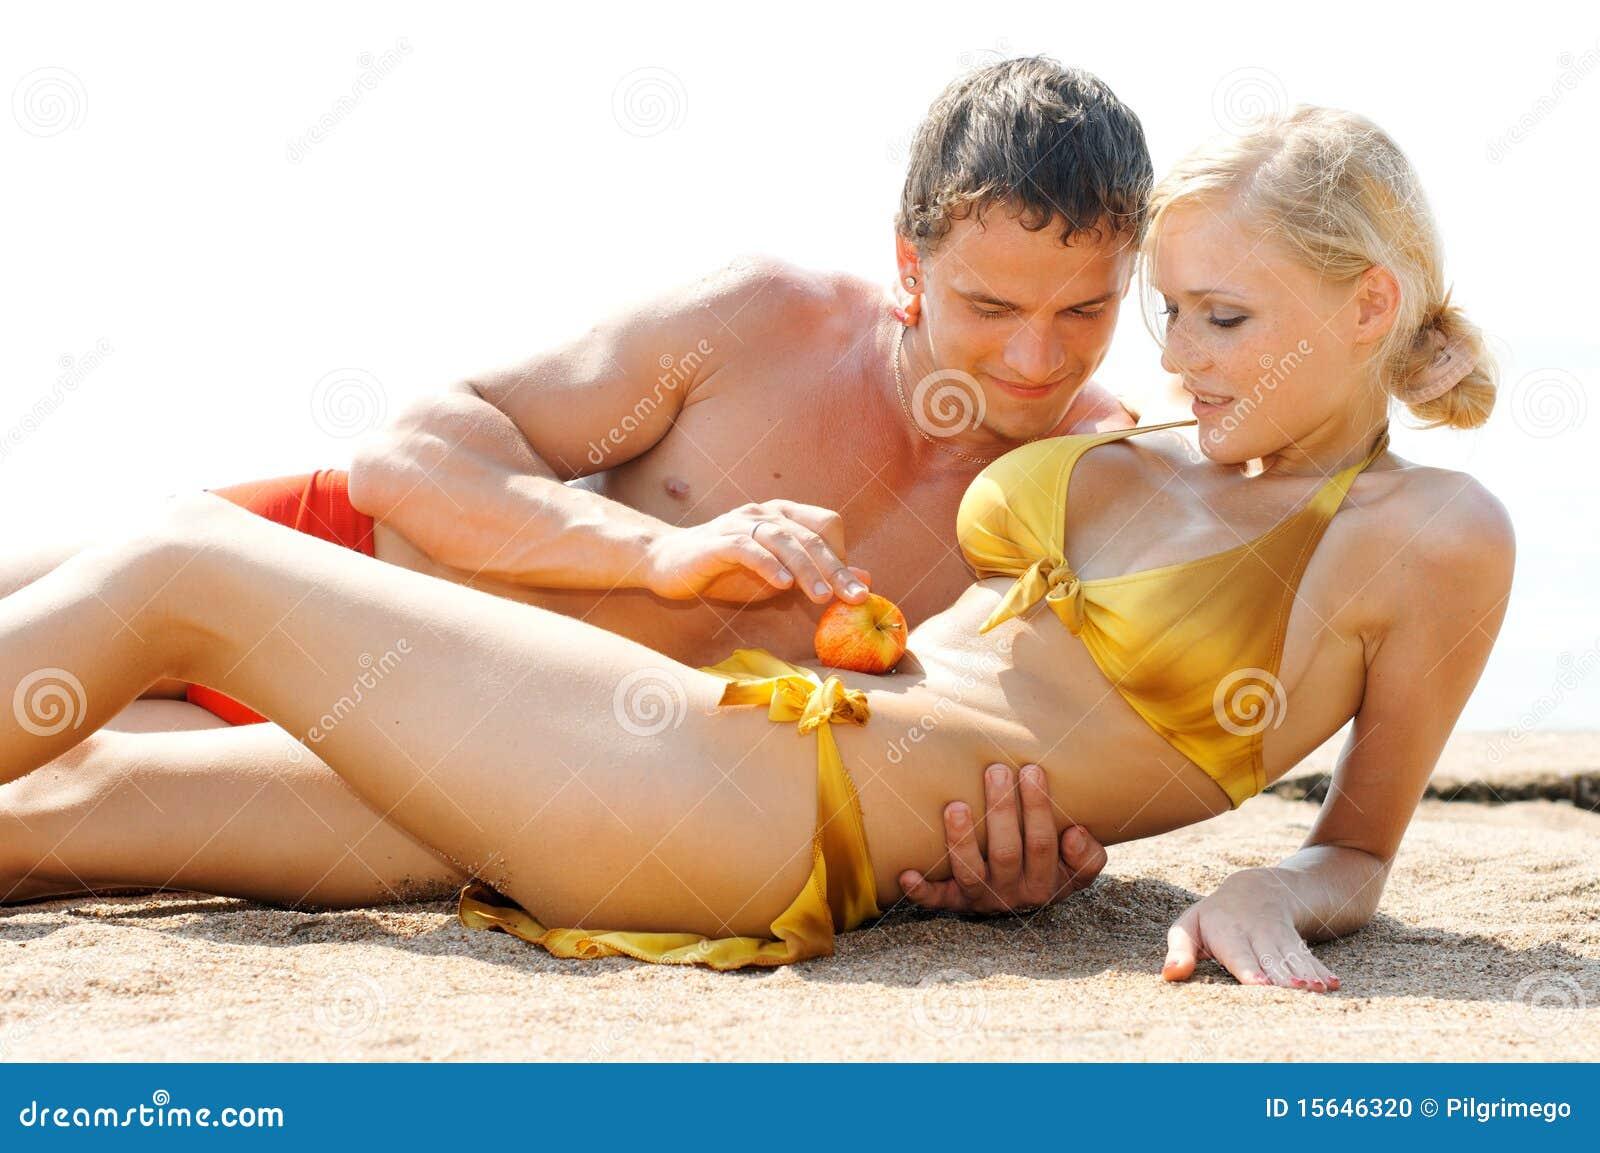 Jeux de couple sur la plage 10